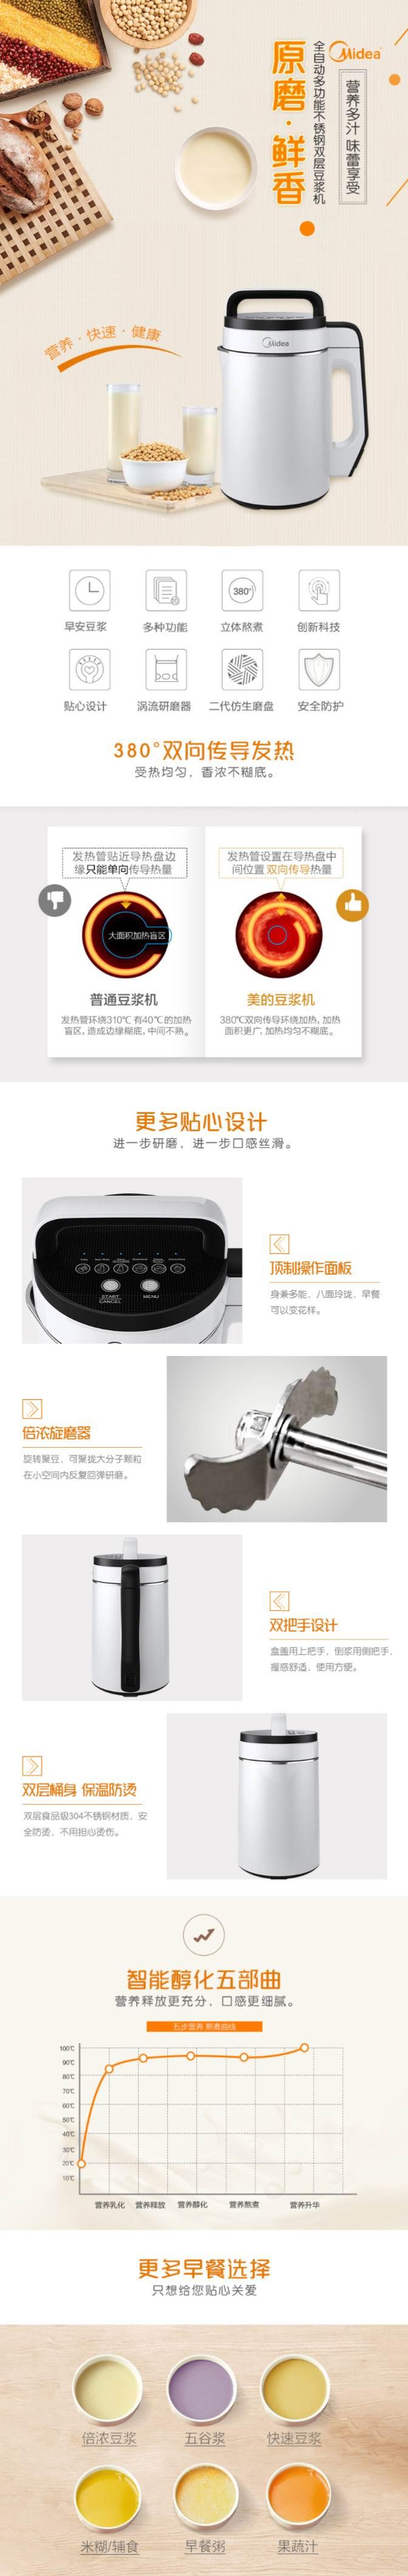 独家升级:Midea 美的 1.7升 双层不锈钢 全自动豆浆机 79.98加元包邮!